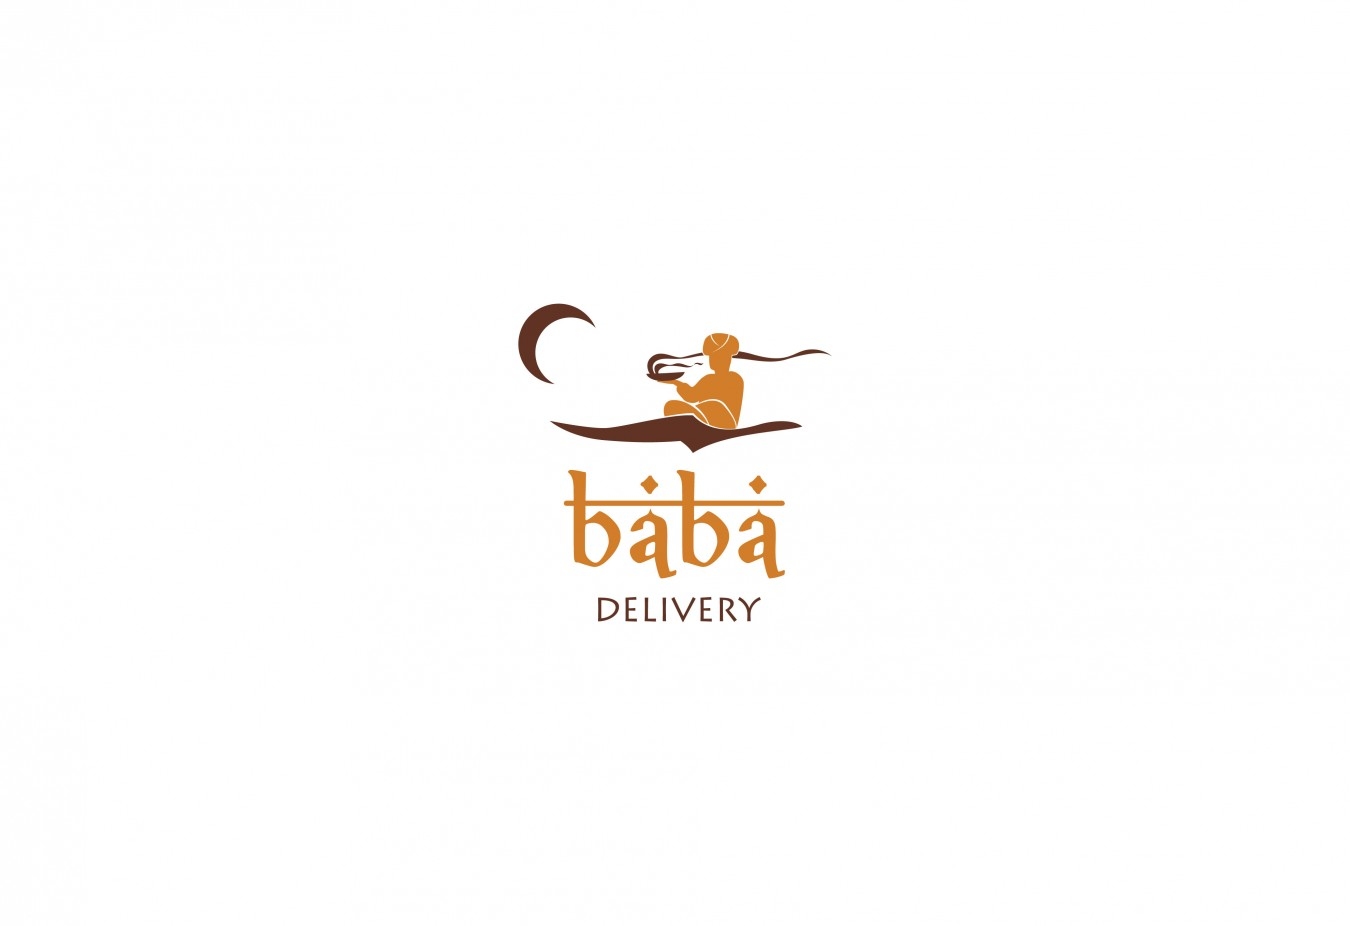 imagens baba-13